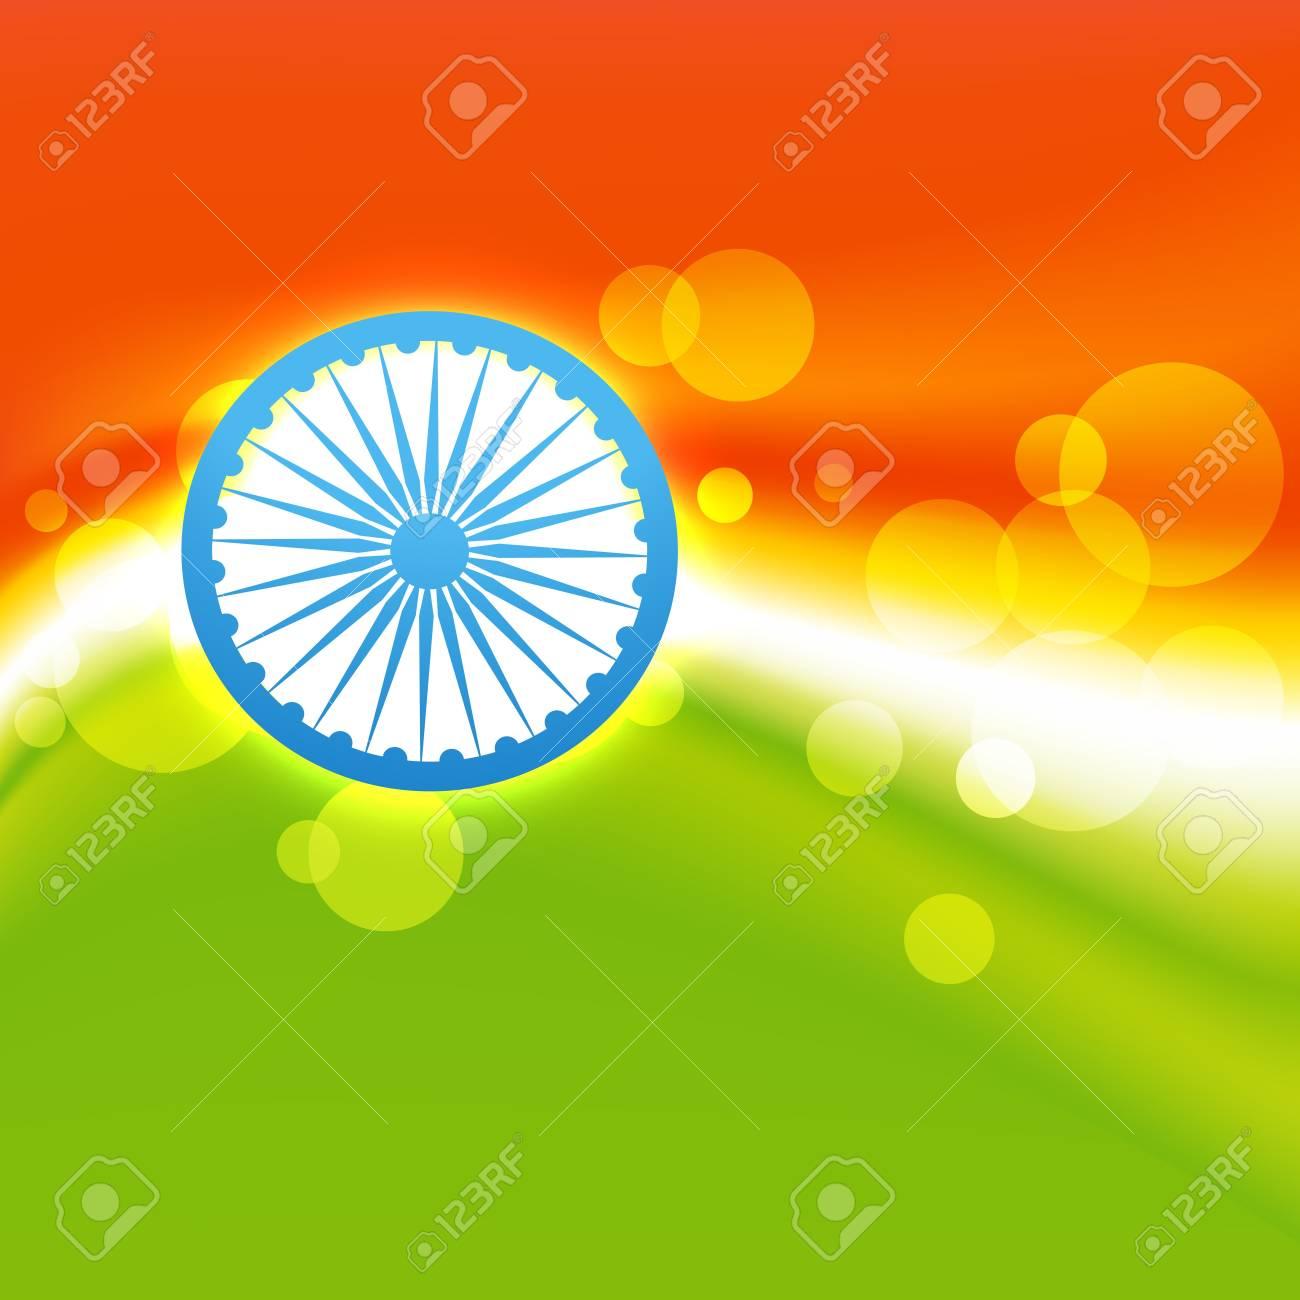 vector creative indian flag design Stock Vector - 17234053